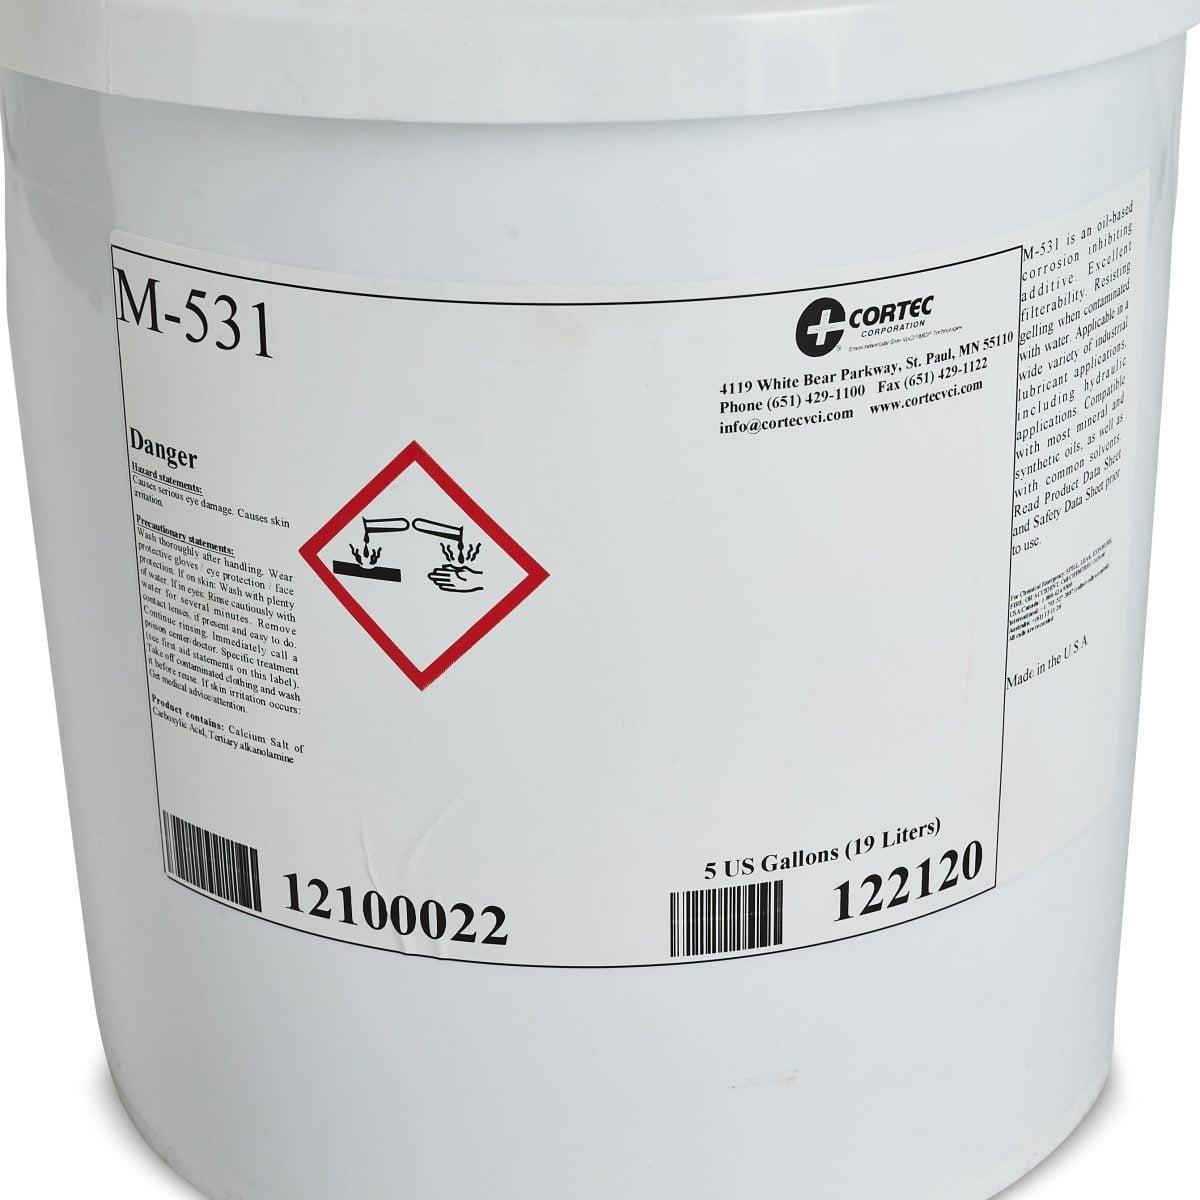 Cortec M-531